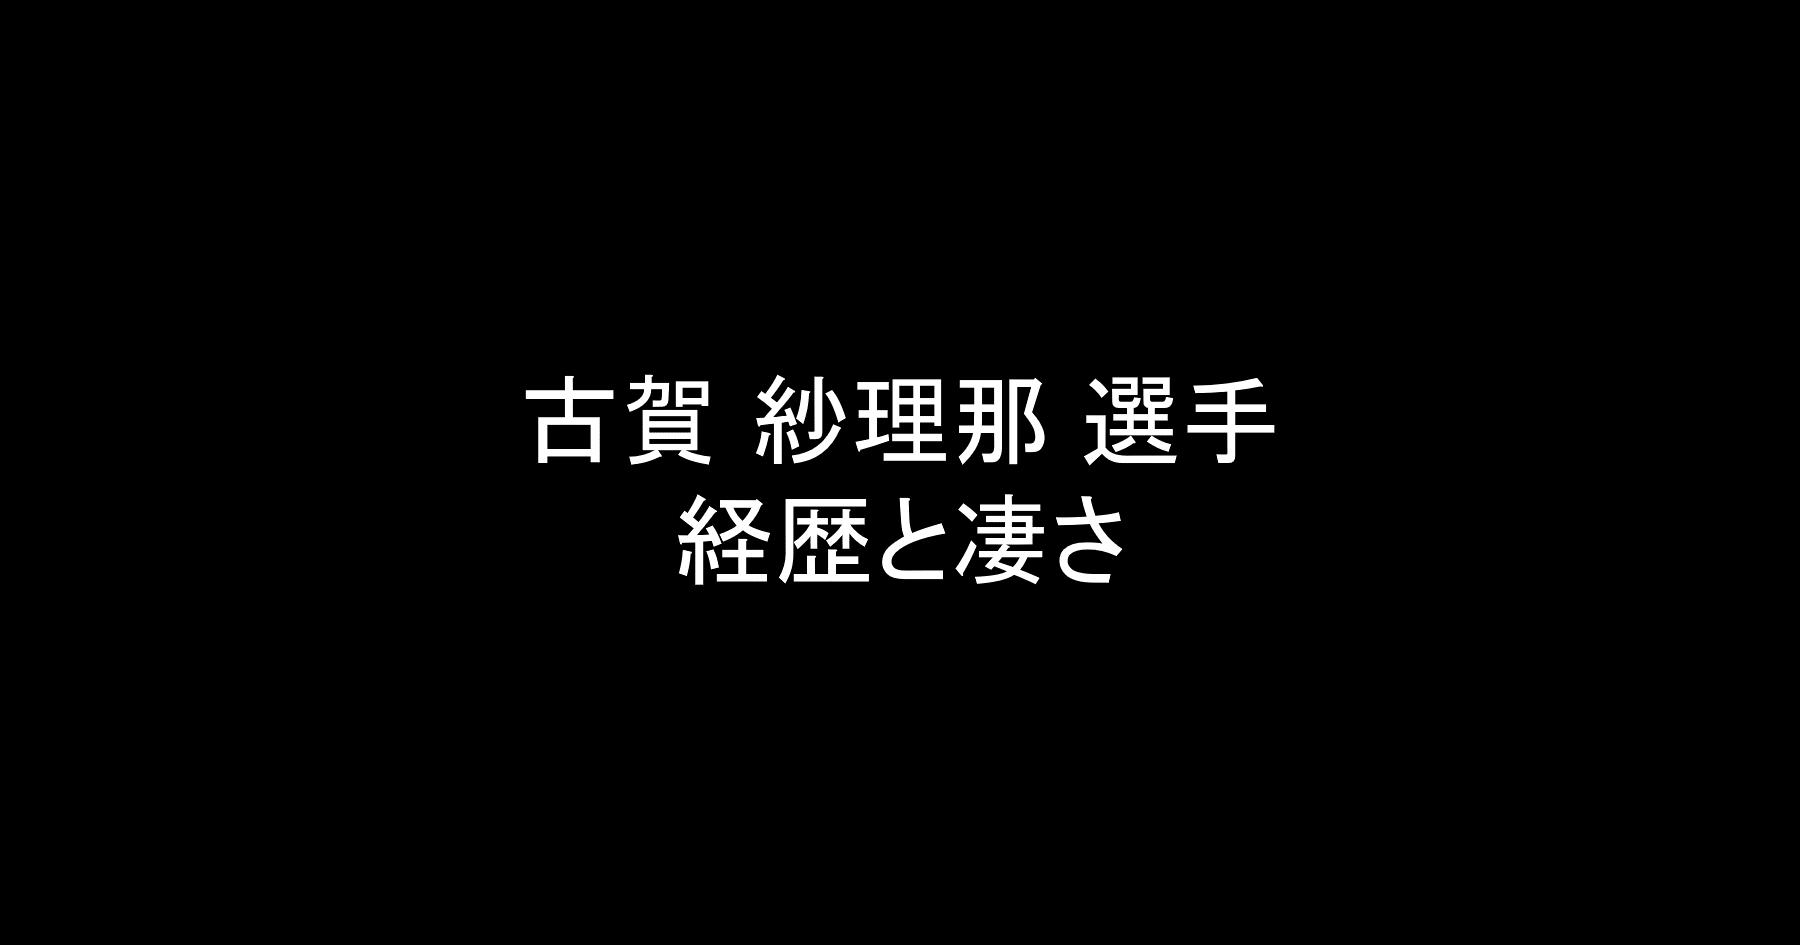 マガリ・カルバハル - Magaly Carvajal - JapaneseClass.jp